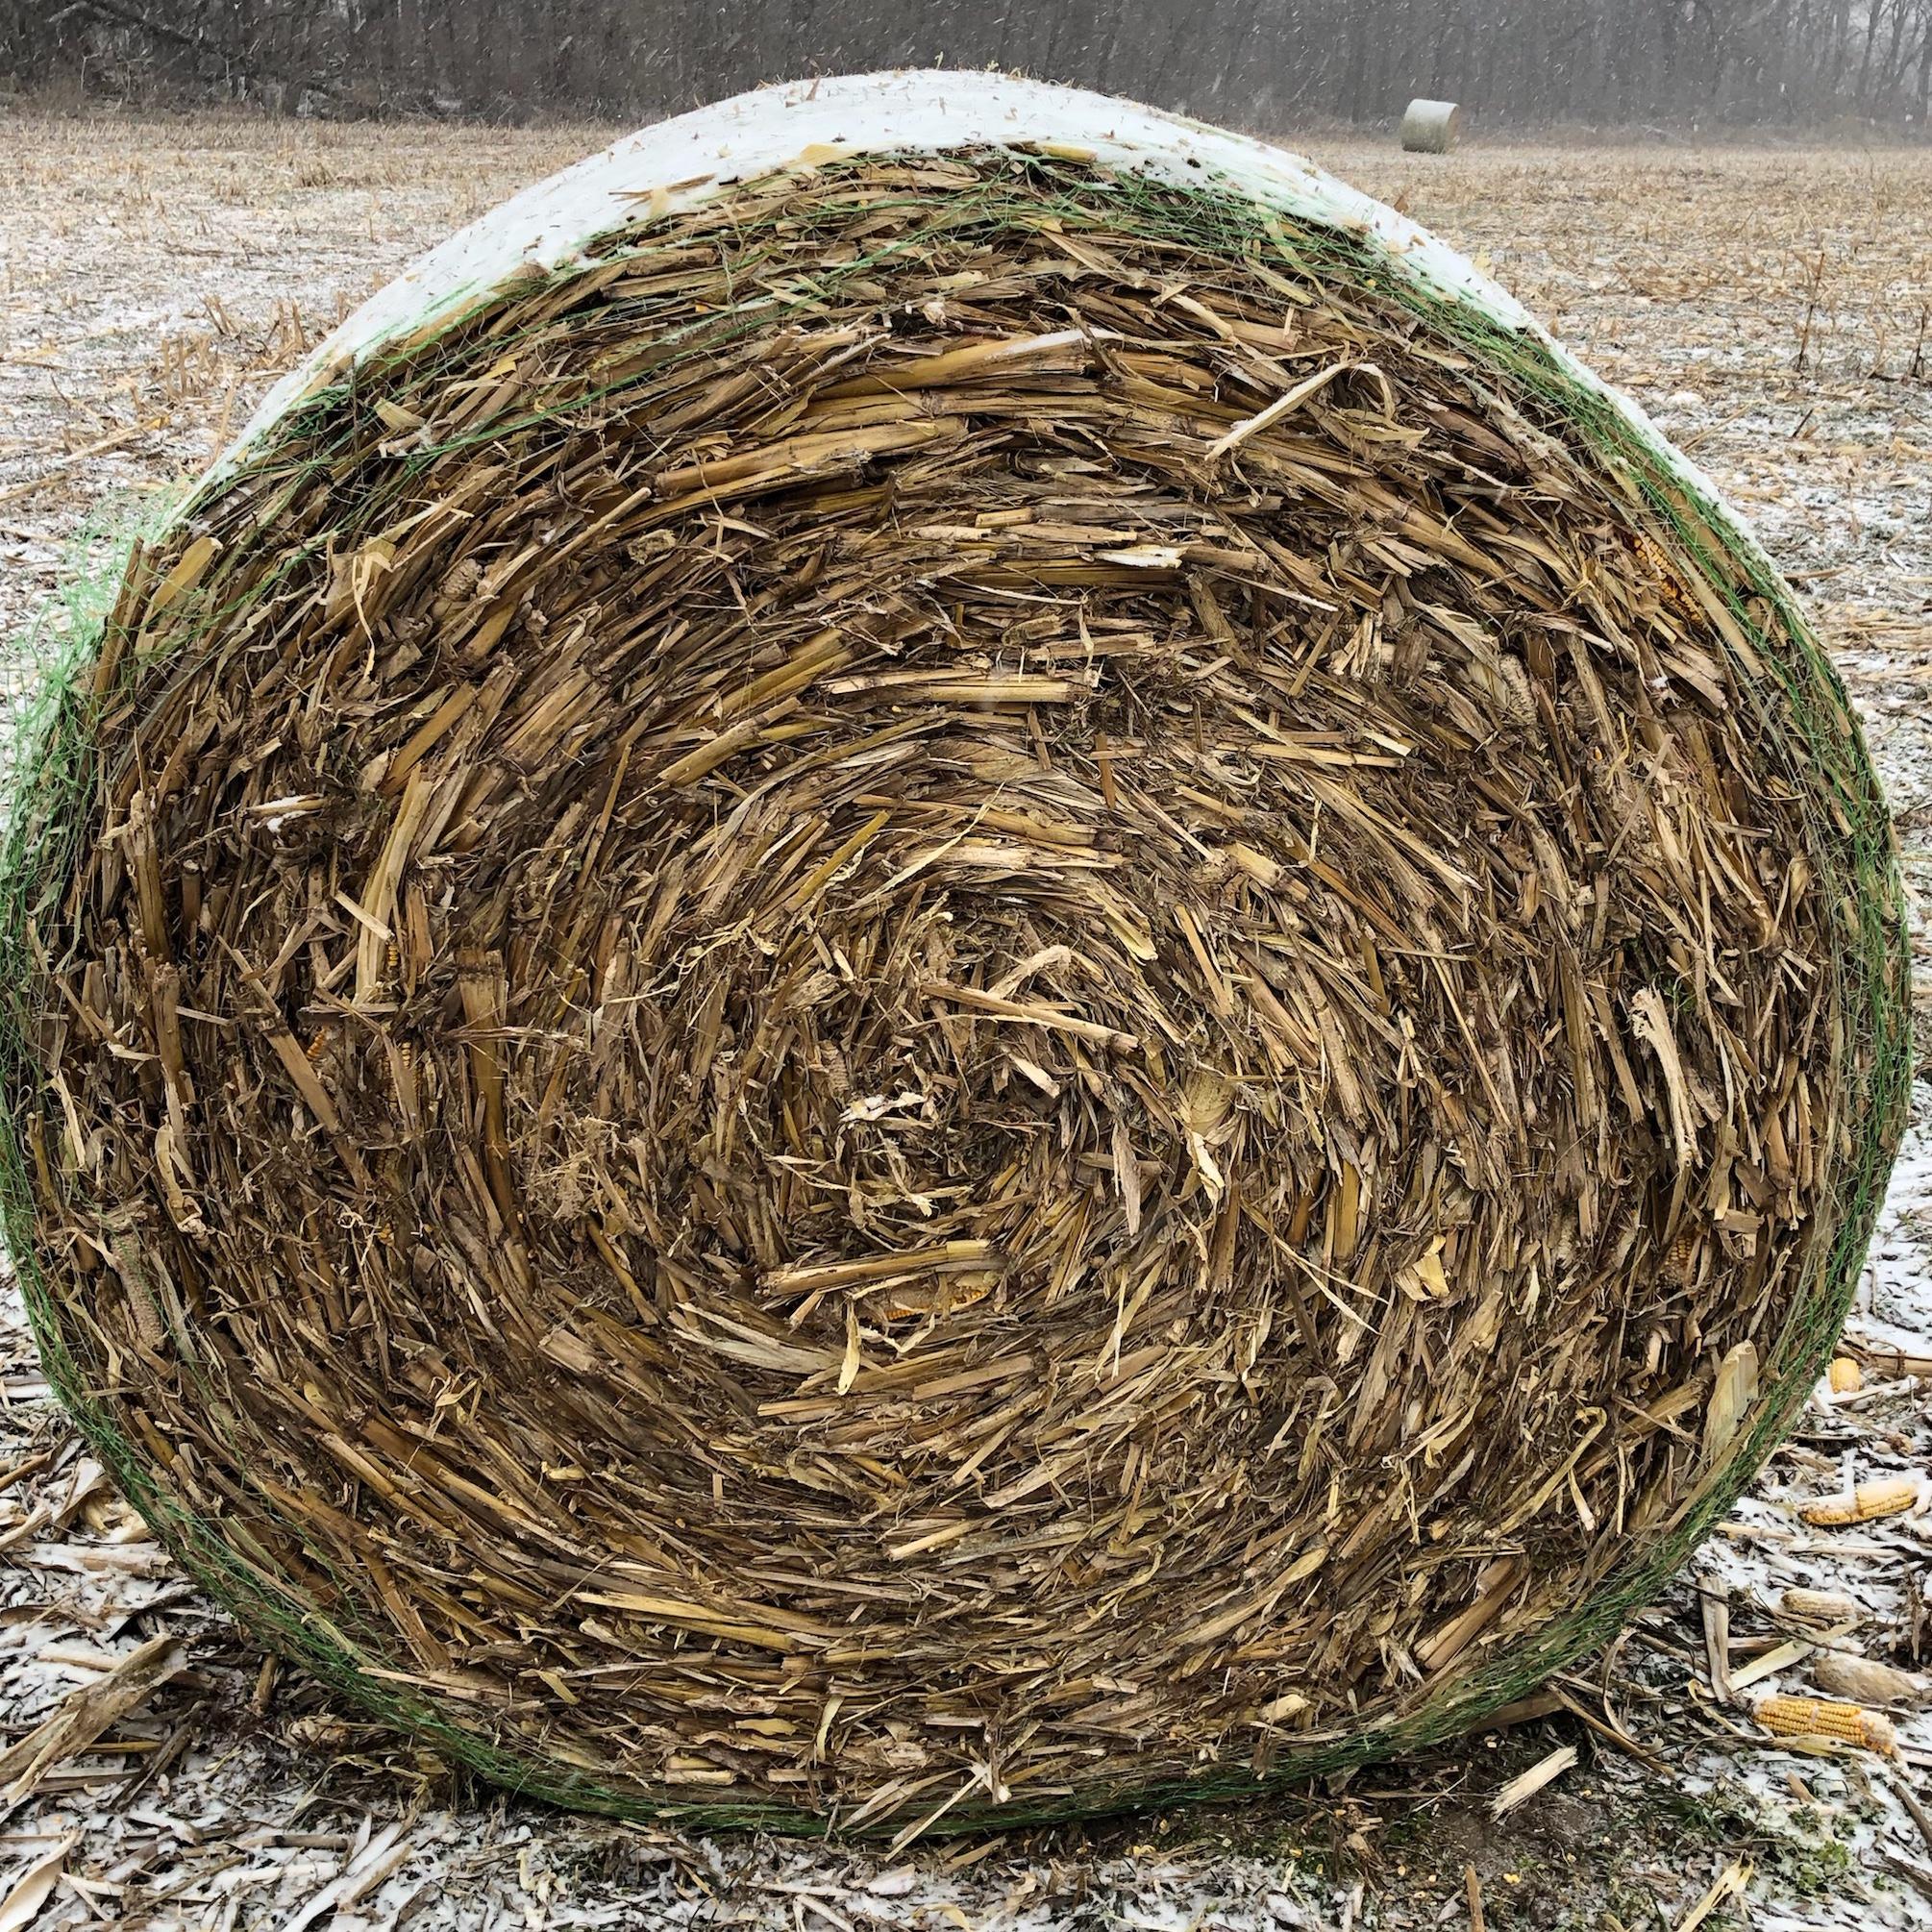 7dd8f8d56f6 Corn Stalks Round Bales